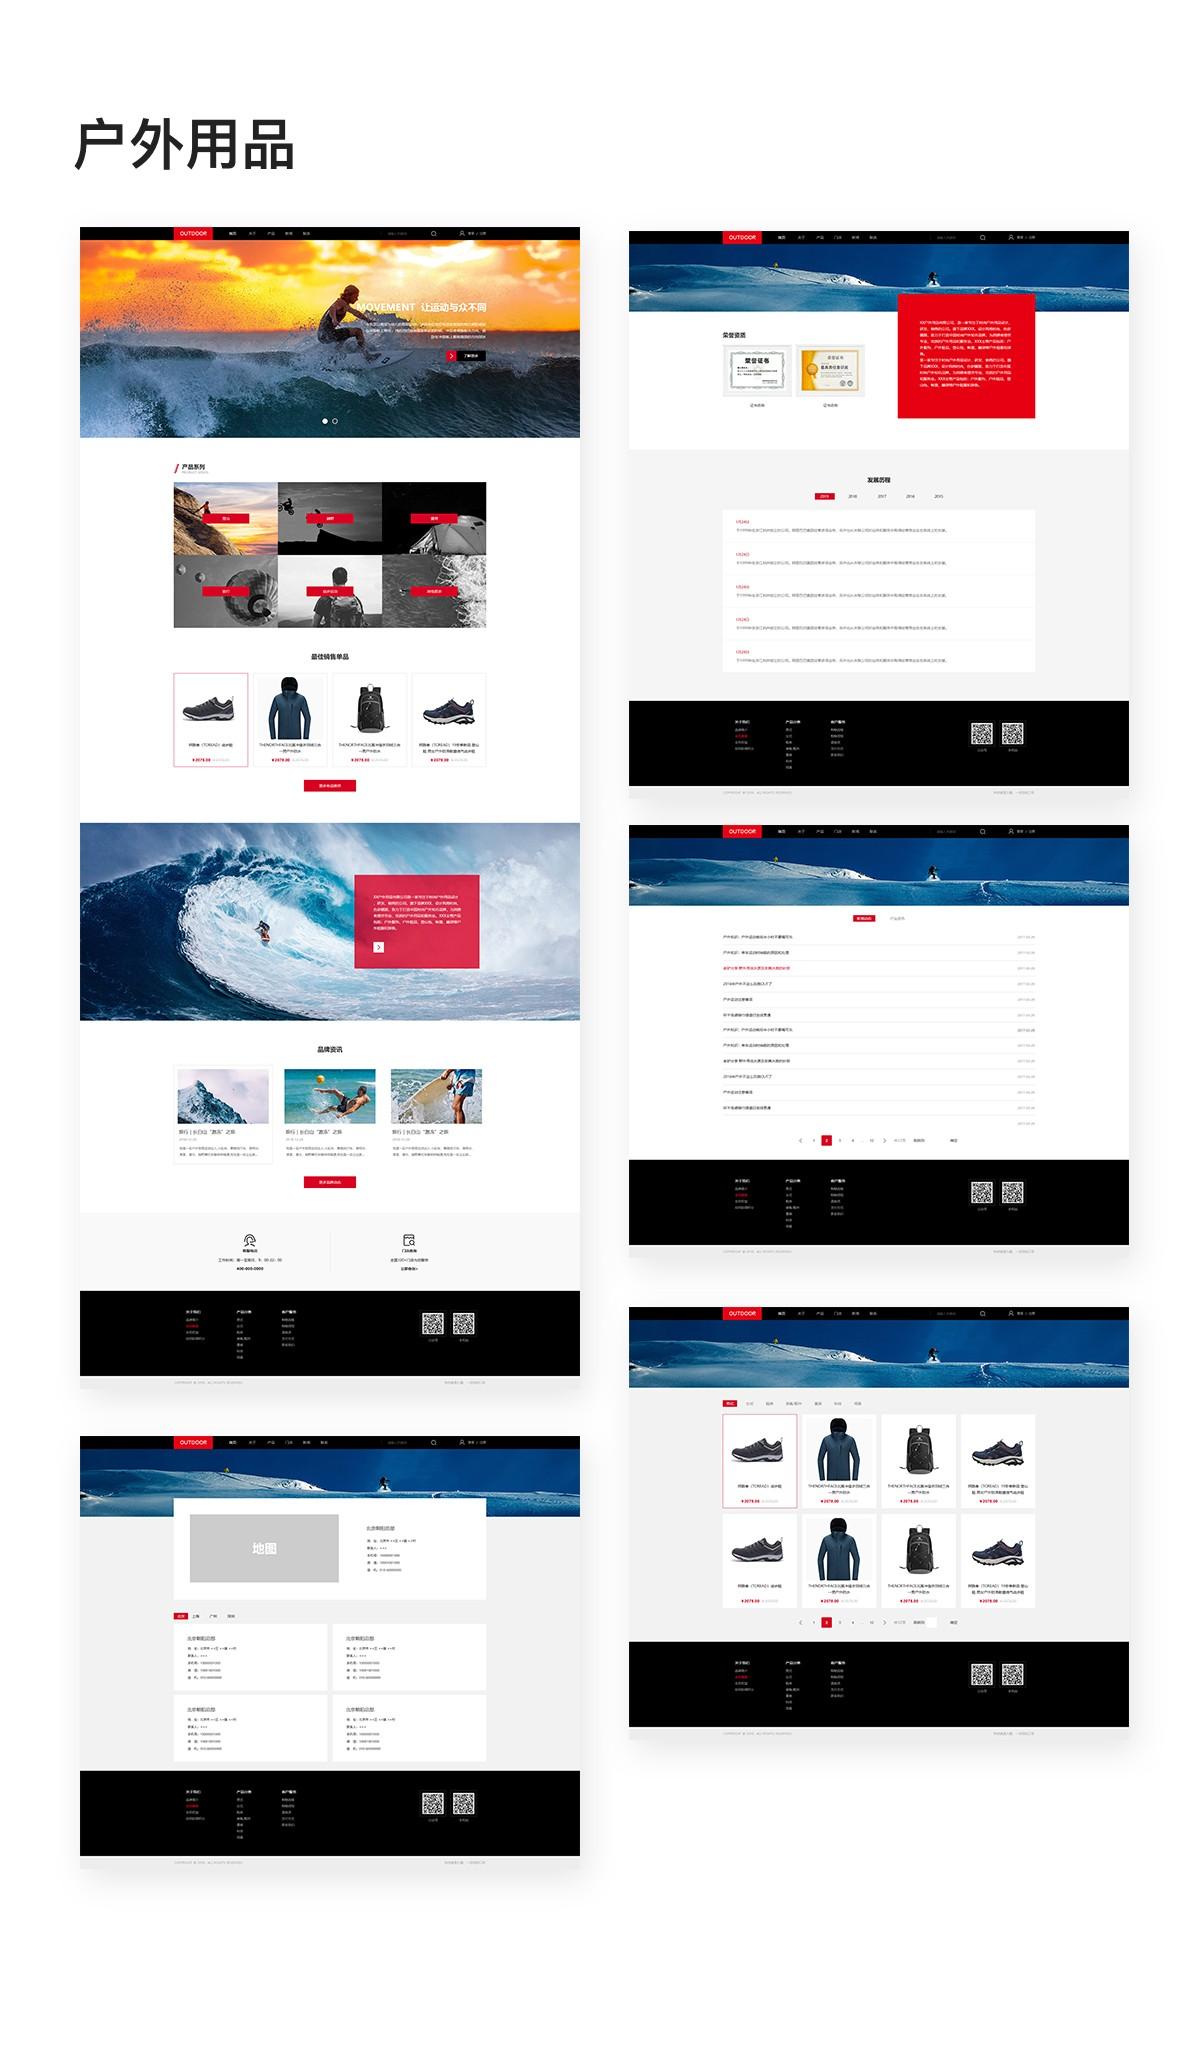 重庆户外用品公司户外行业网站建设